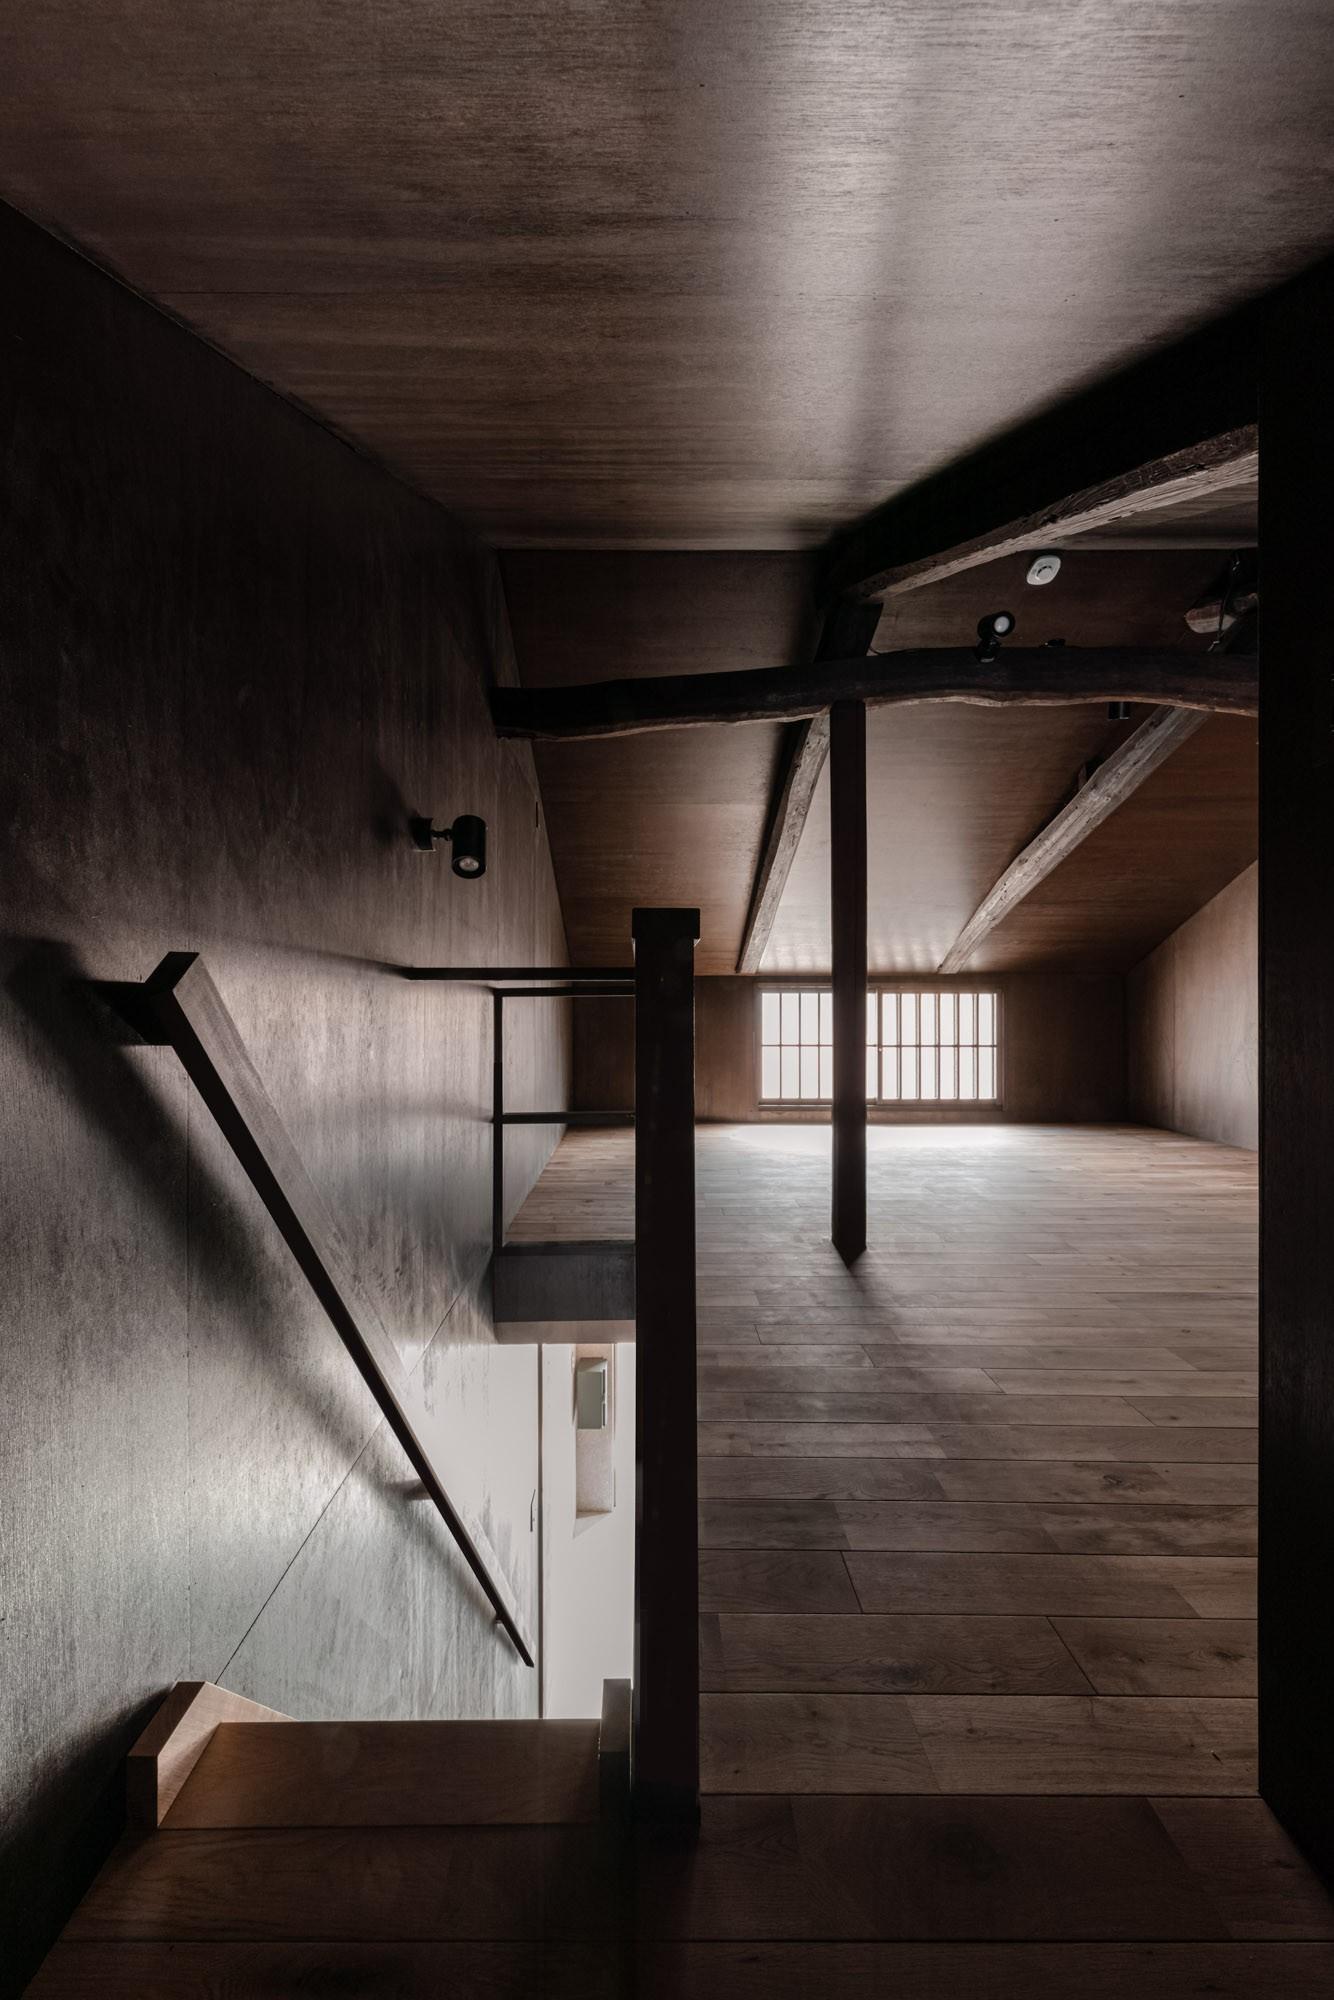 ベッドルーム事例:2階ロフトから階段を見下ろす /小屋組を表したロフト(『RE長屋‐ITO2』~新:旧・モダン:和 のコラボ~(古民家再生))